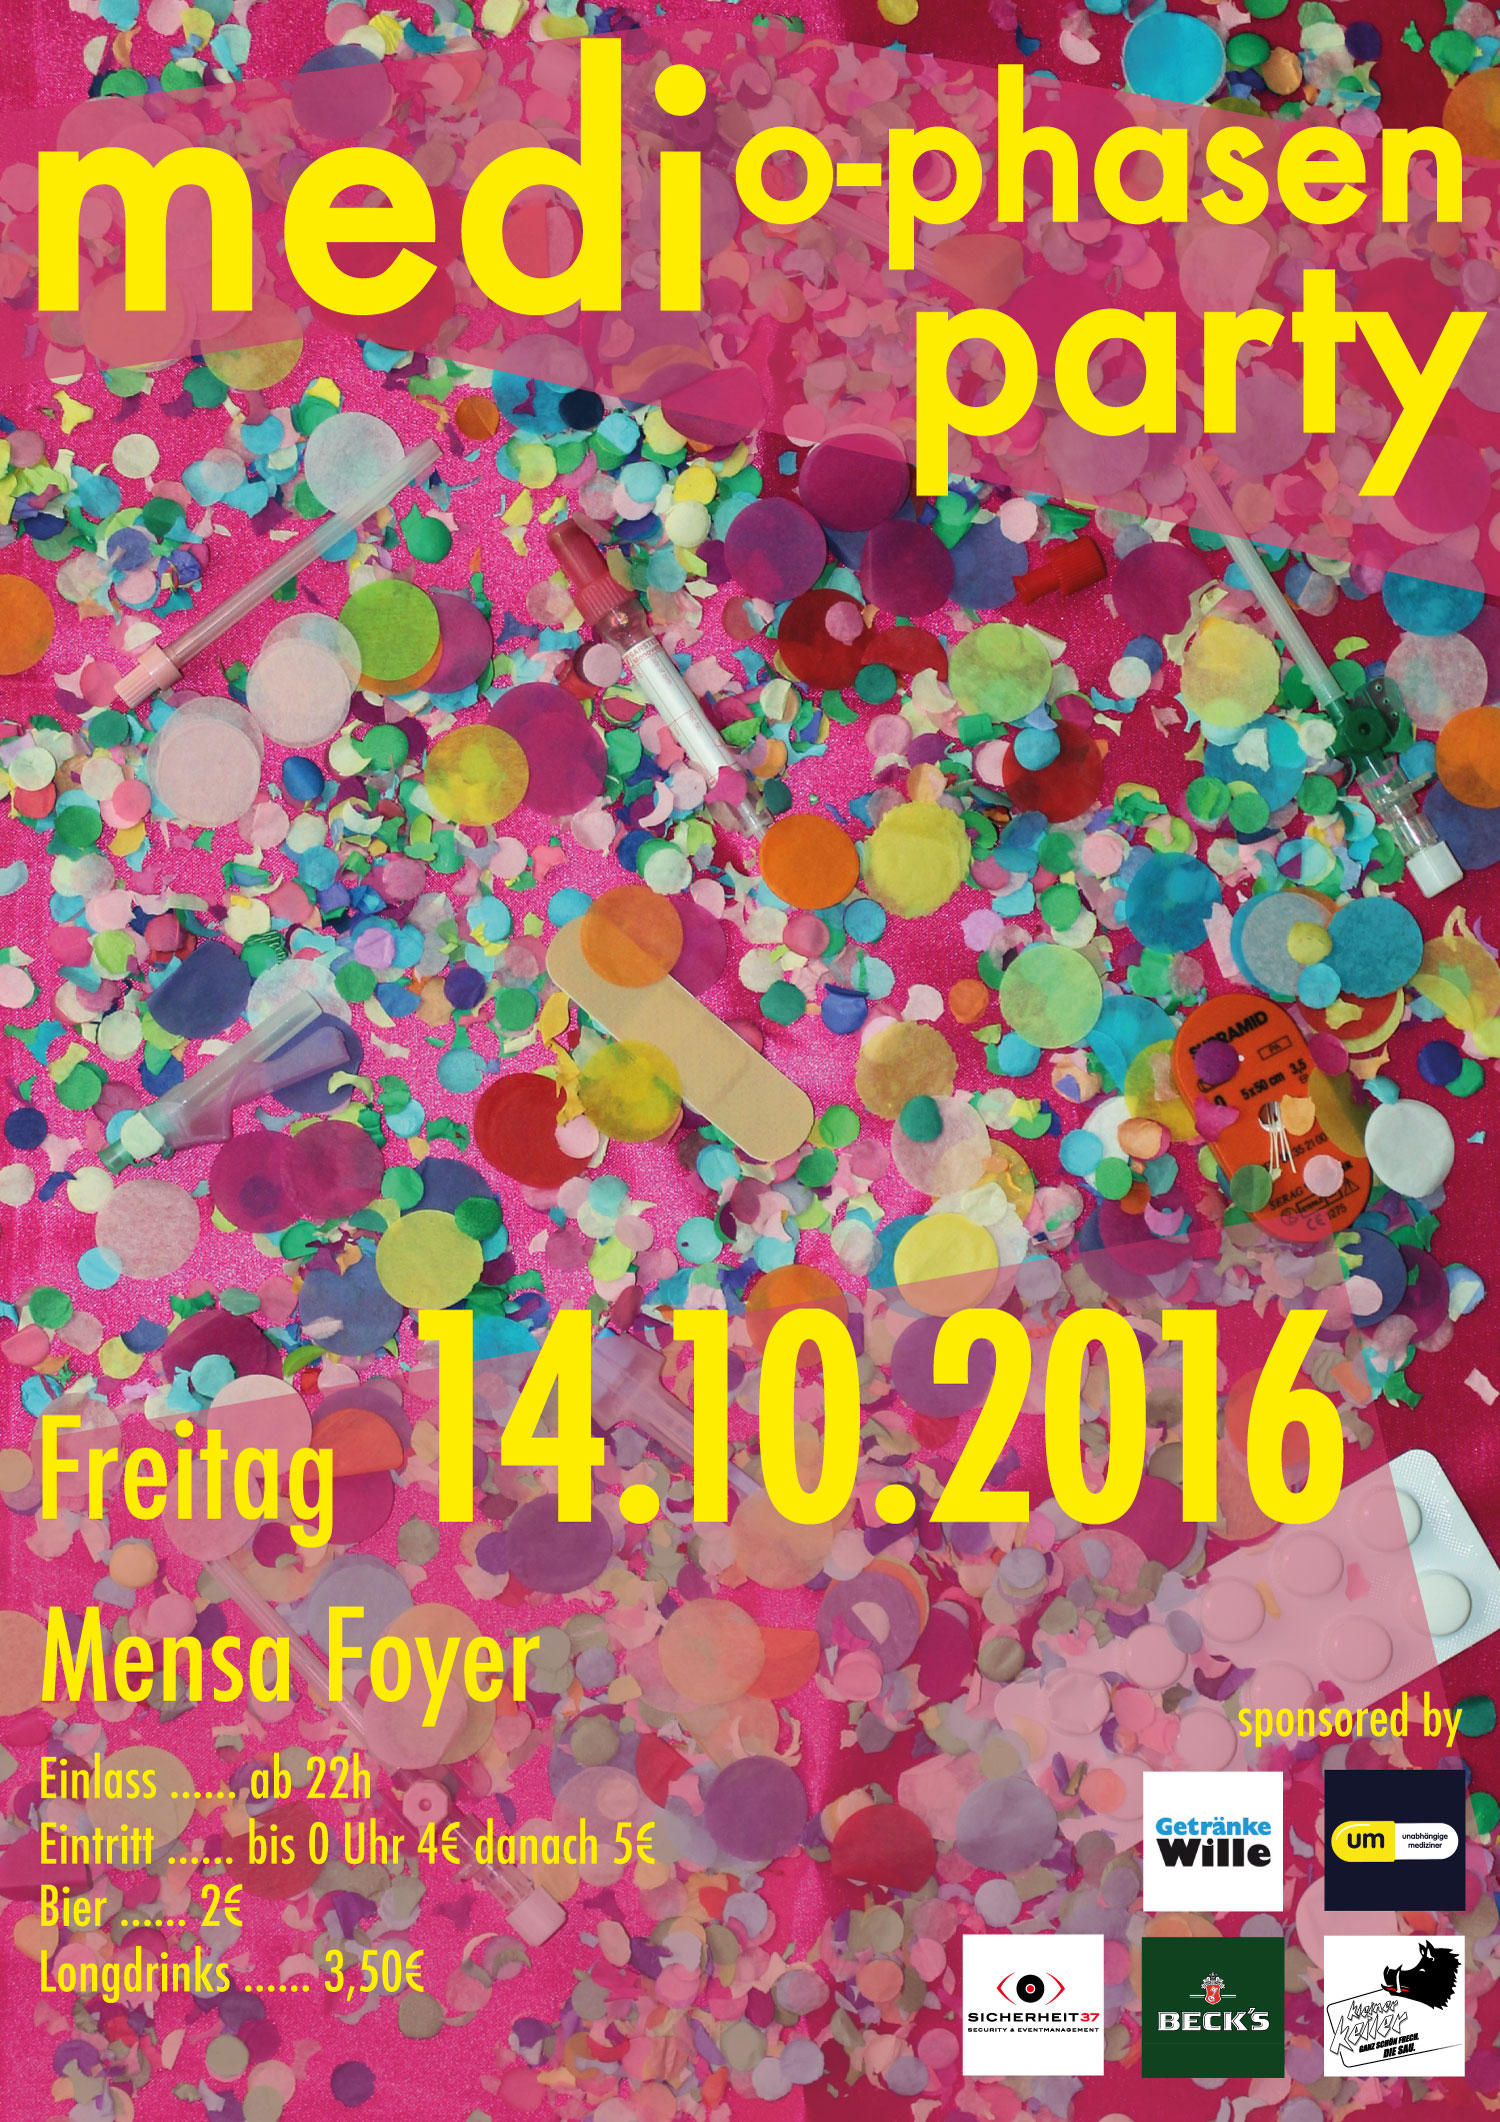 Medi O-Phasen Party im Z-Mensa Foyer – Unabhängige Mediziner